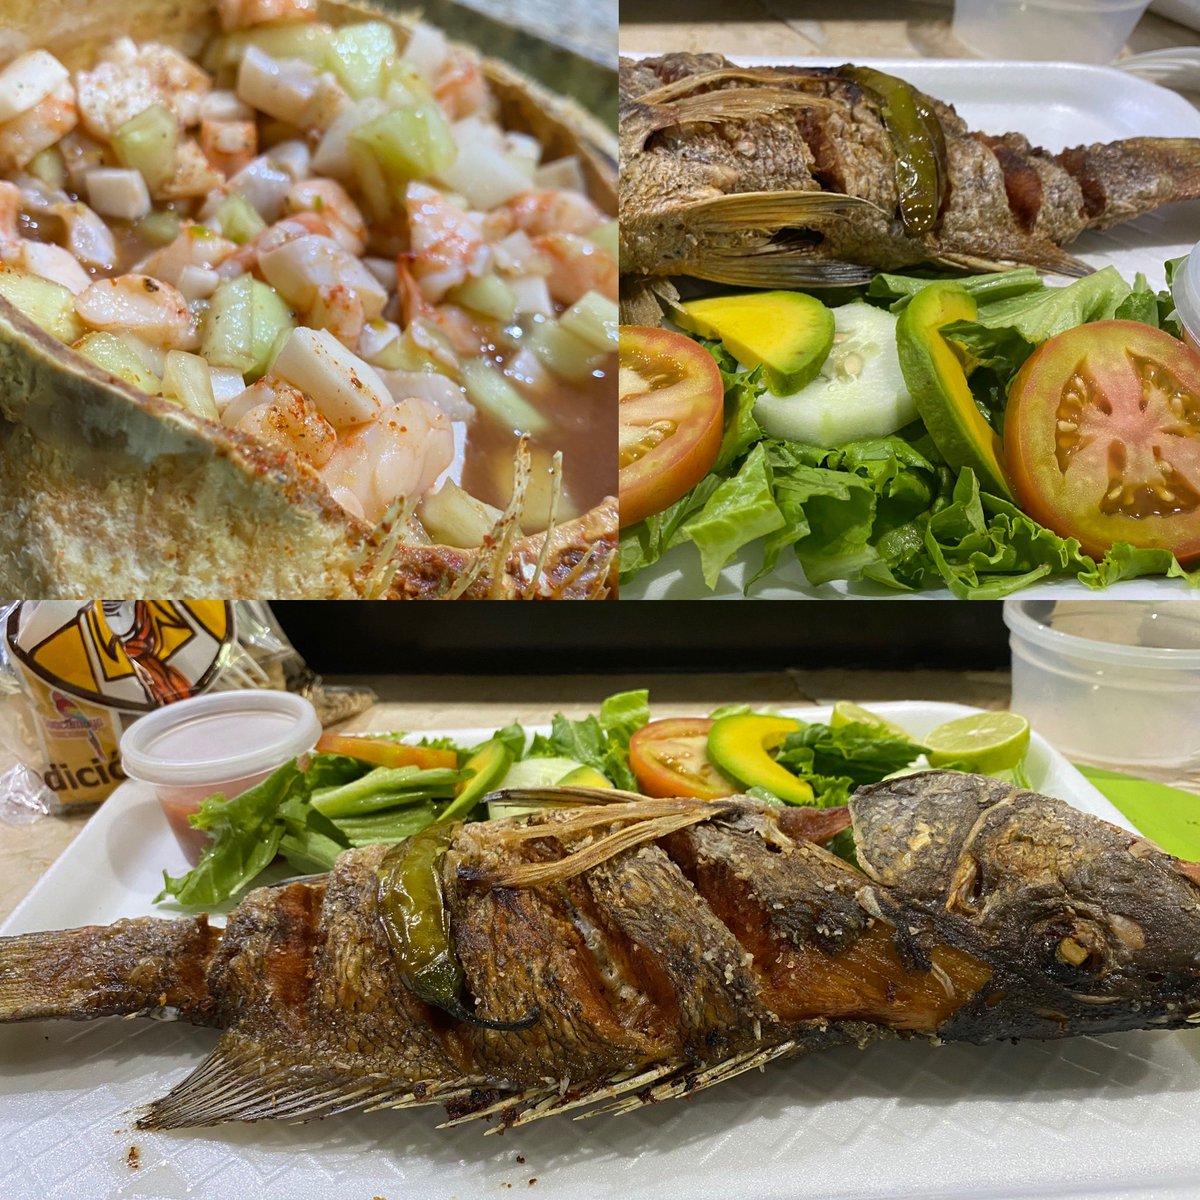 Consumamos los local #MariscosElTanque #Guamuchil pescado frito y un cóctel #Cocotanque de camarón  pic.twitter.com/TXr5h3o2b1